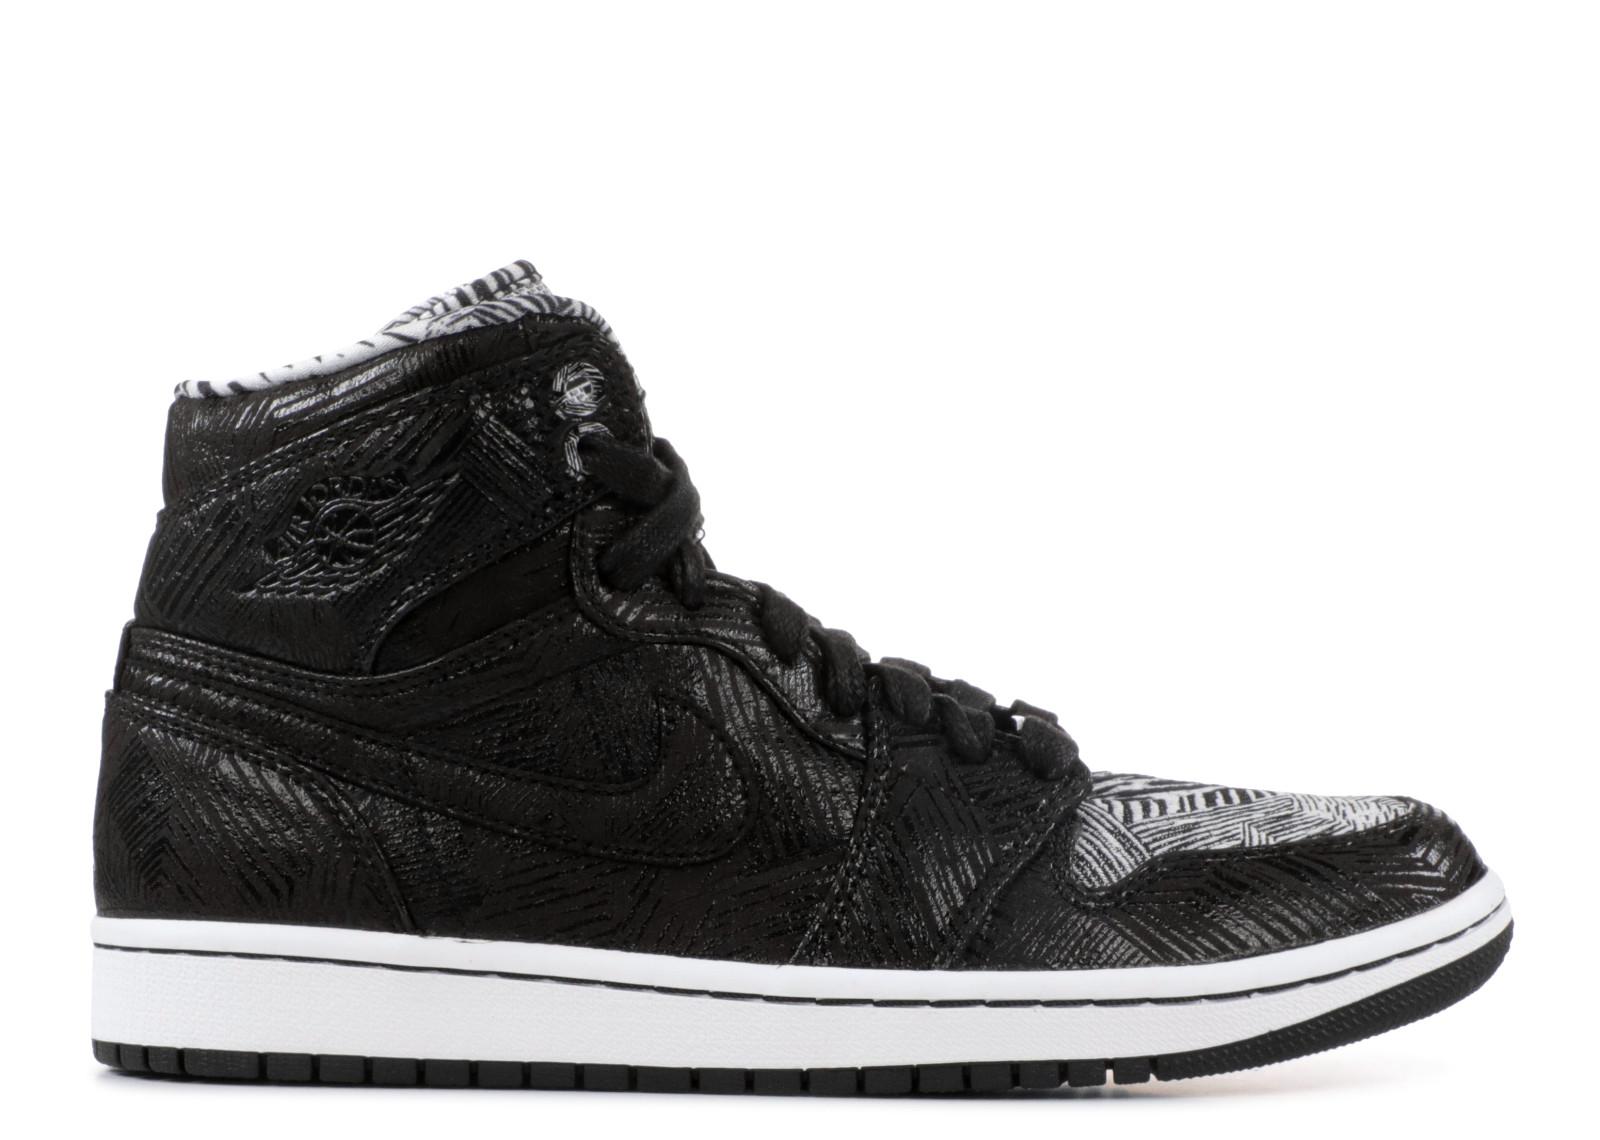 エアー ジョーダン レトロ ハイ メンズ 男性用 メンズ靴 靴 スニーカー 【 AIR JORDAN 1 RETRO HIGH BHM BLACK WHITE 】